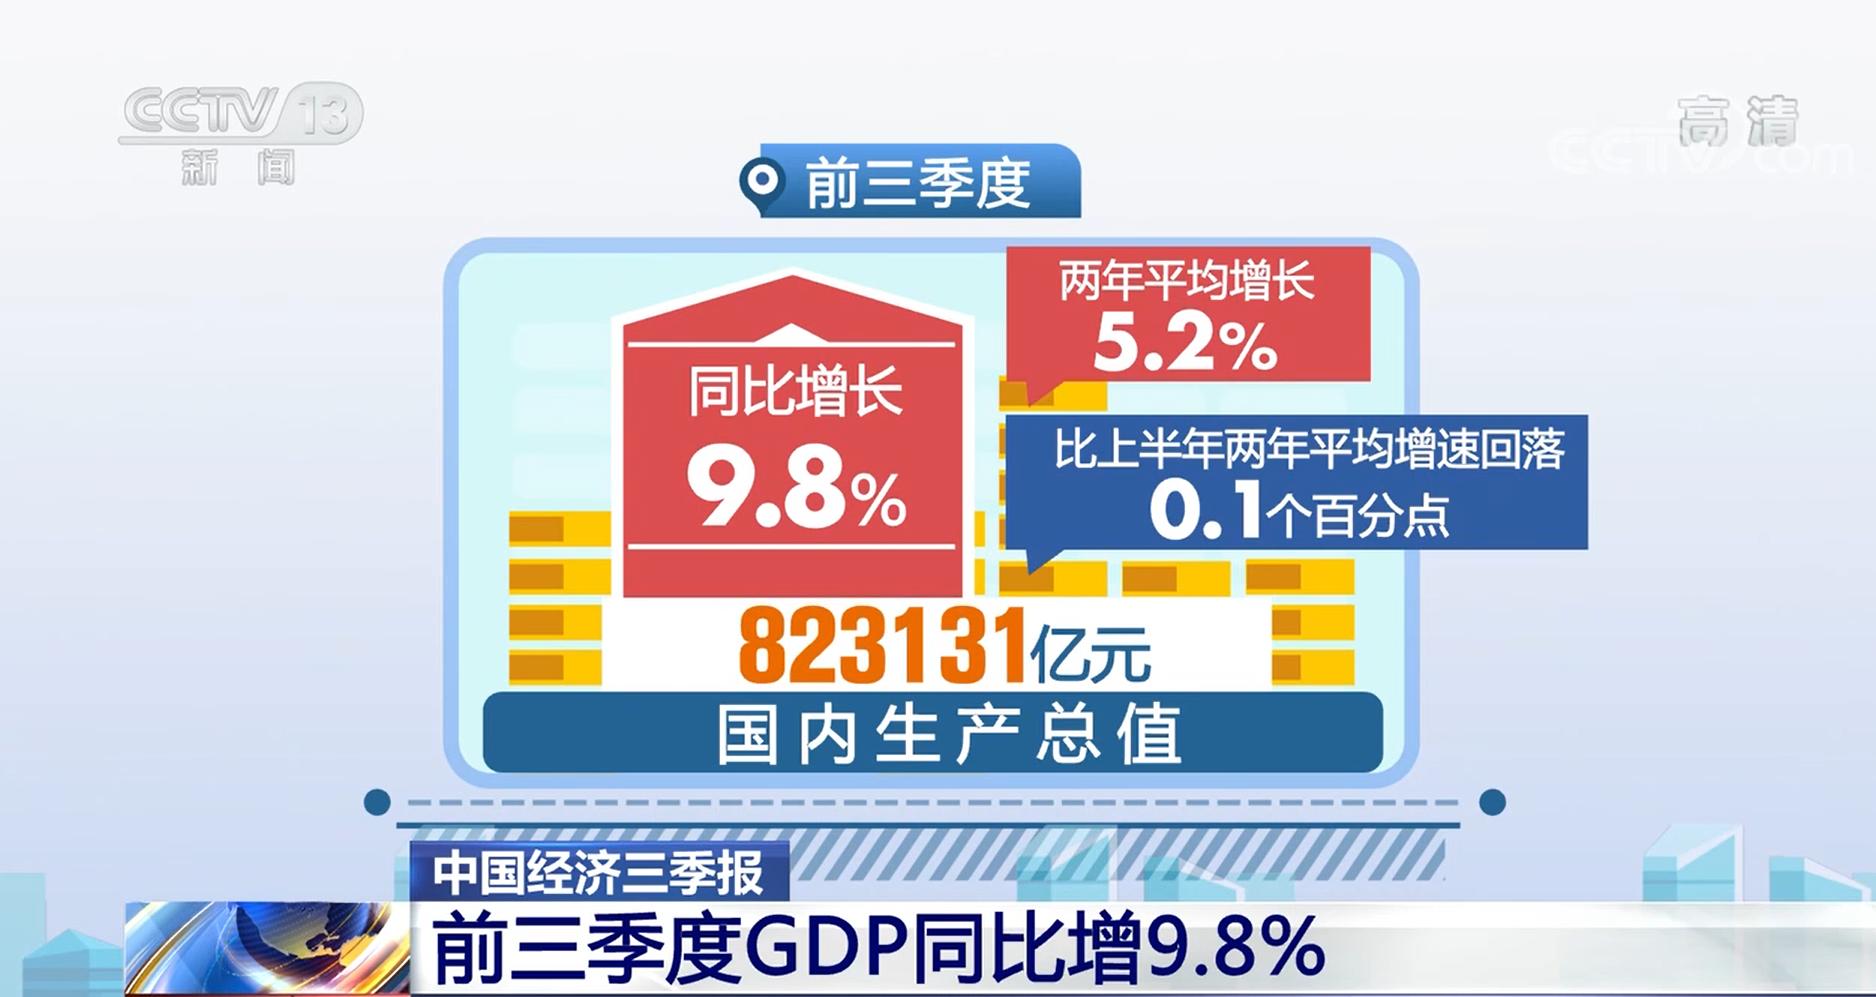 前三季度GDP同比增9.8% 国民经济持续恢复发展